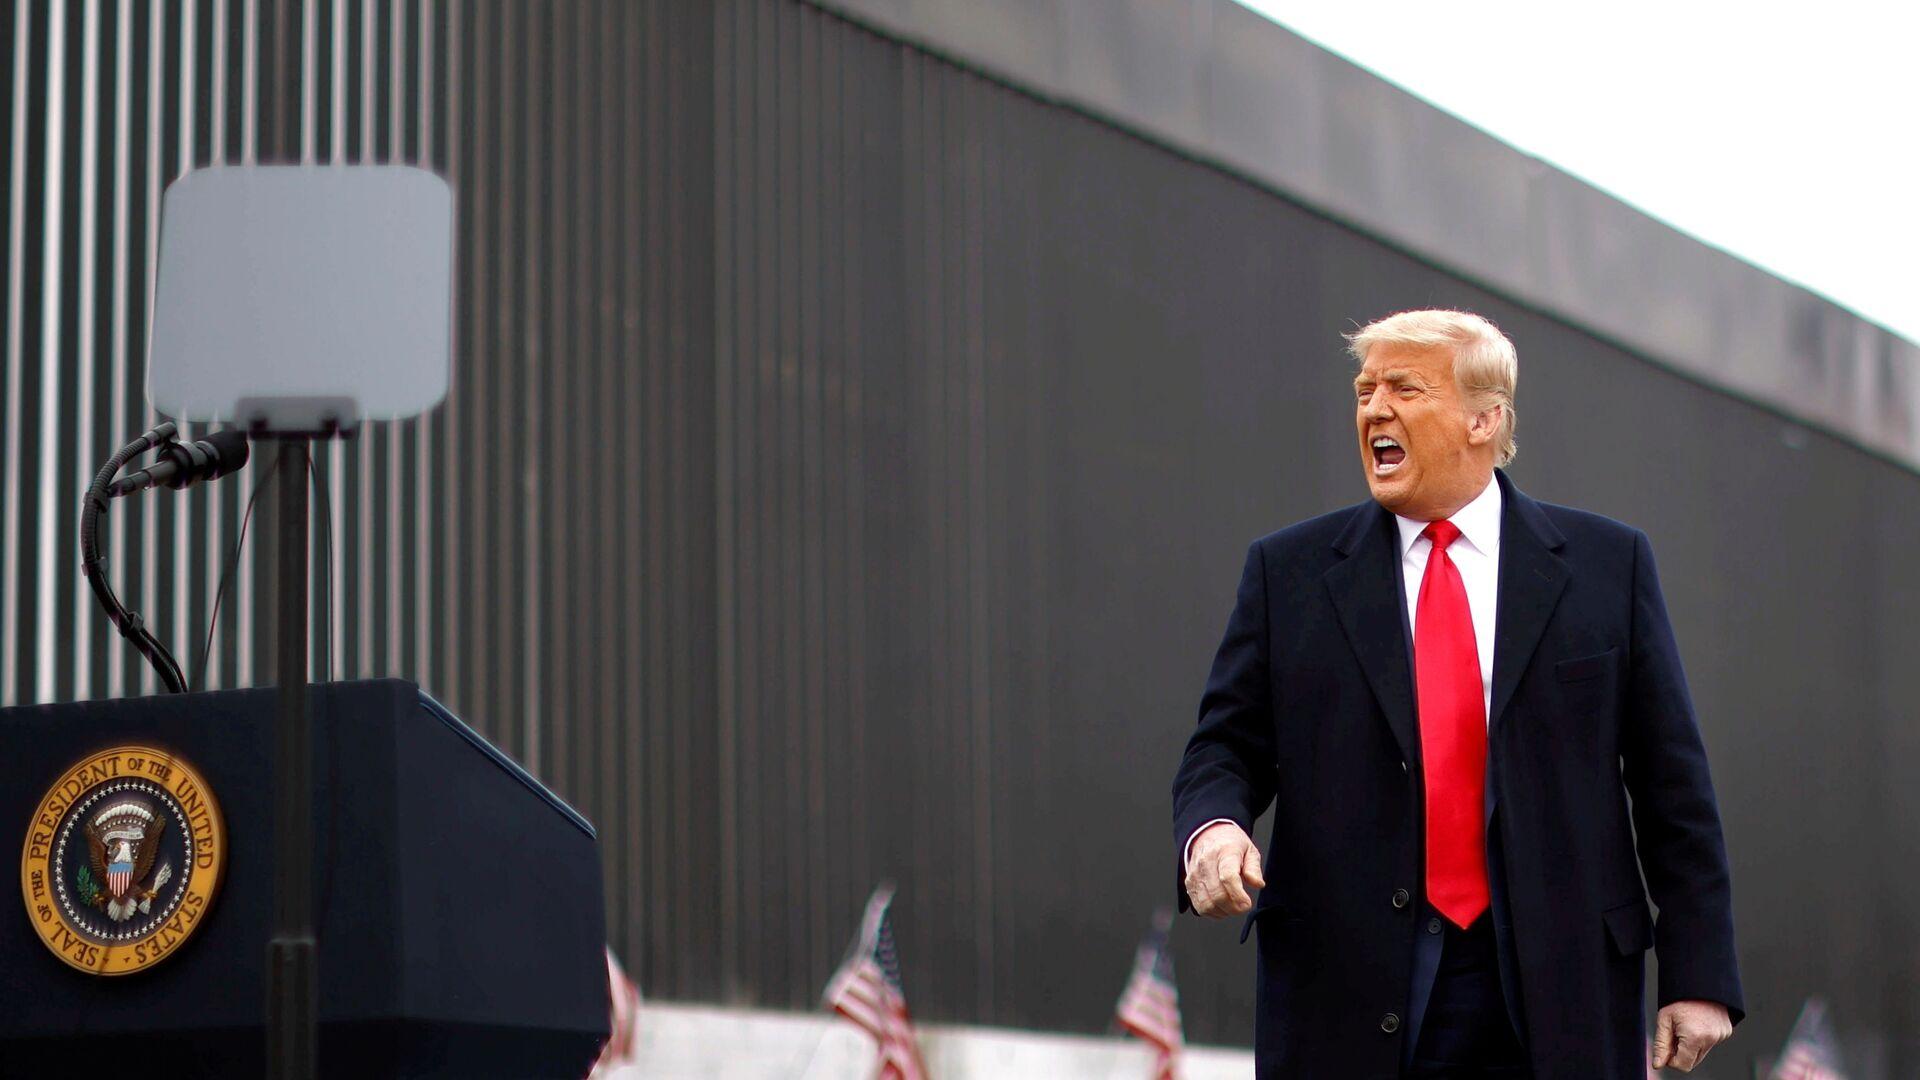 Президент США Дональд Трамп во время посещения пограничной стены между США и Мексикой в Аламо, штат Техас - Sputnik Таджикистан, 1920, 16.08.2021